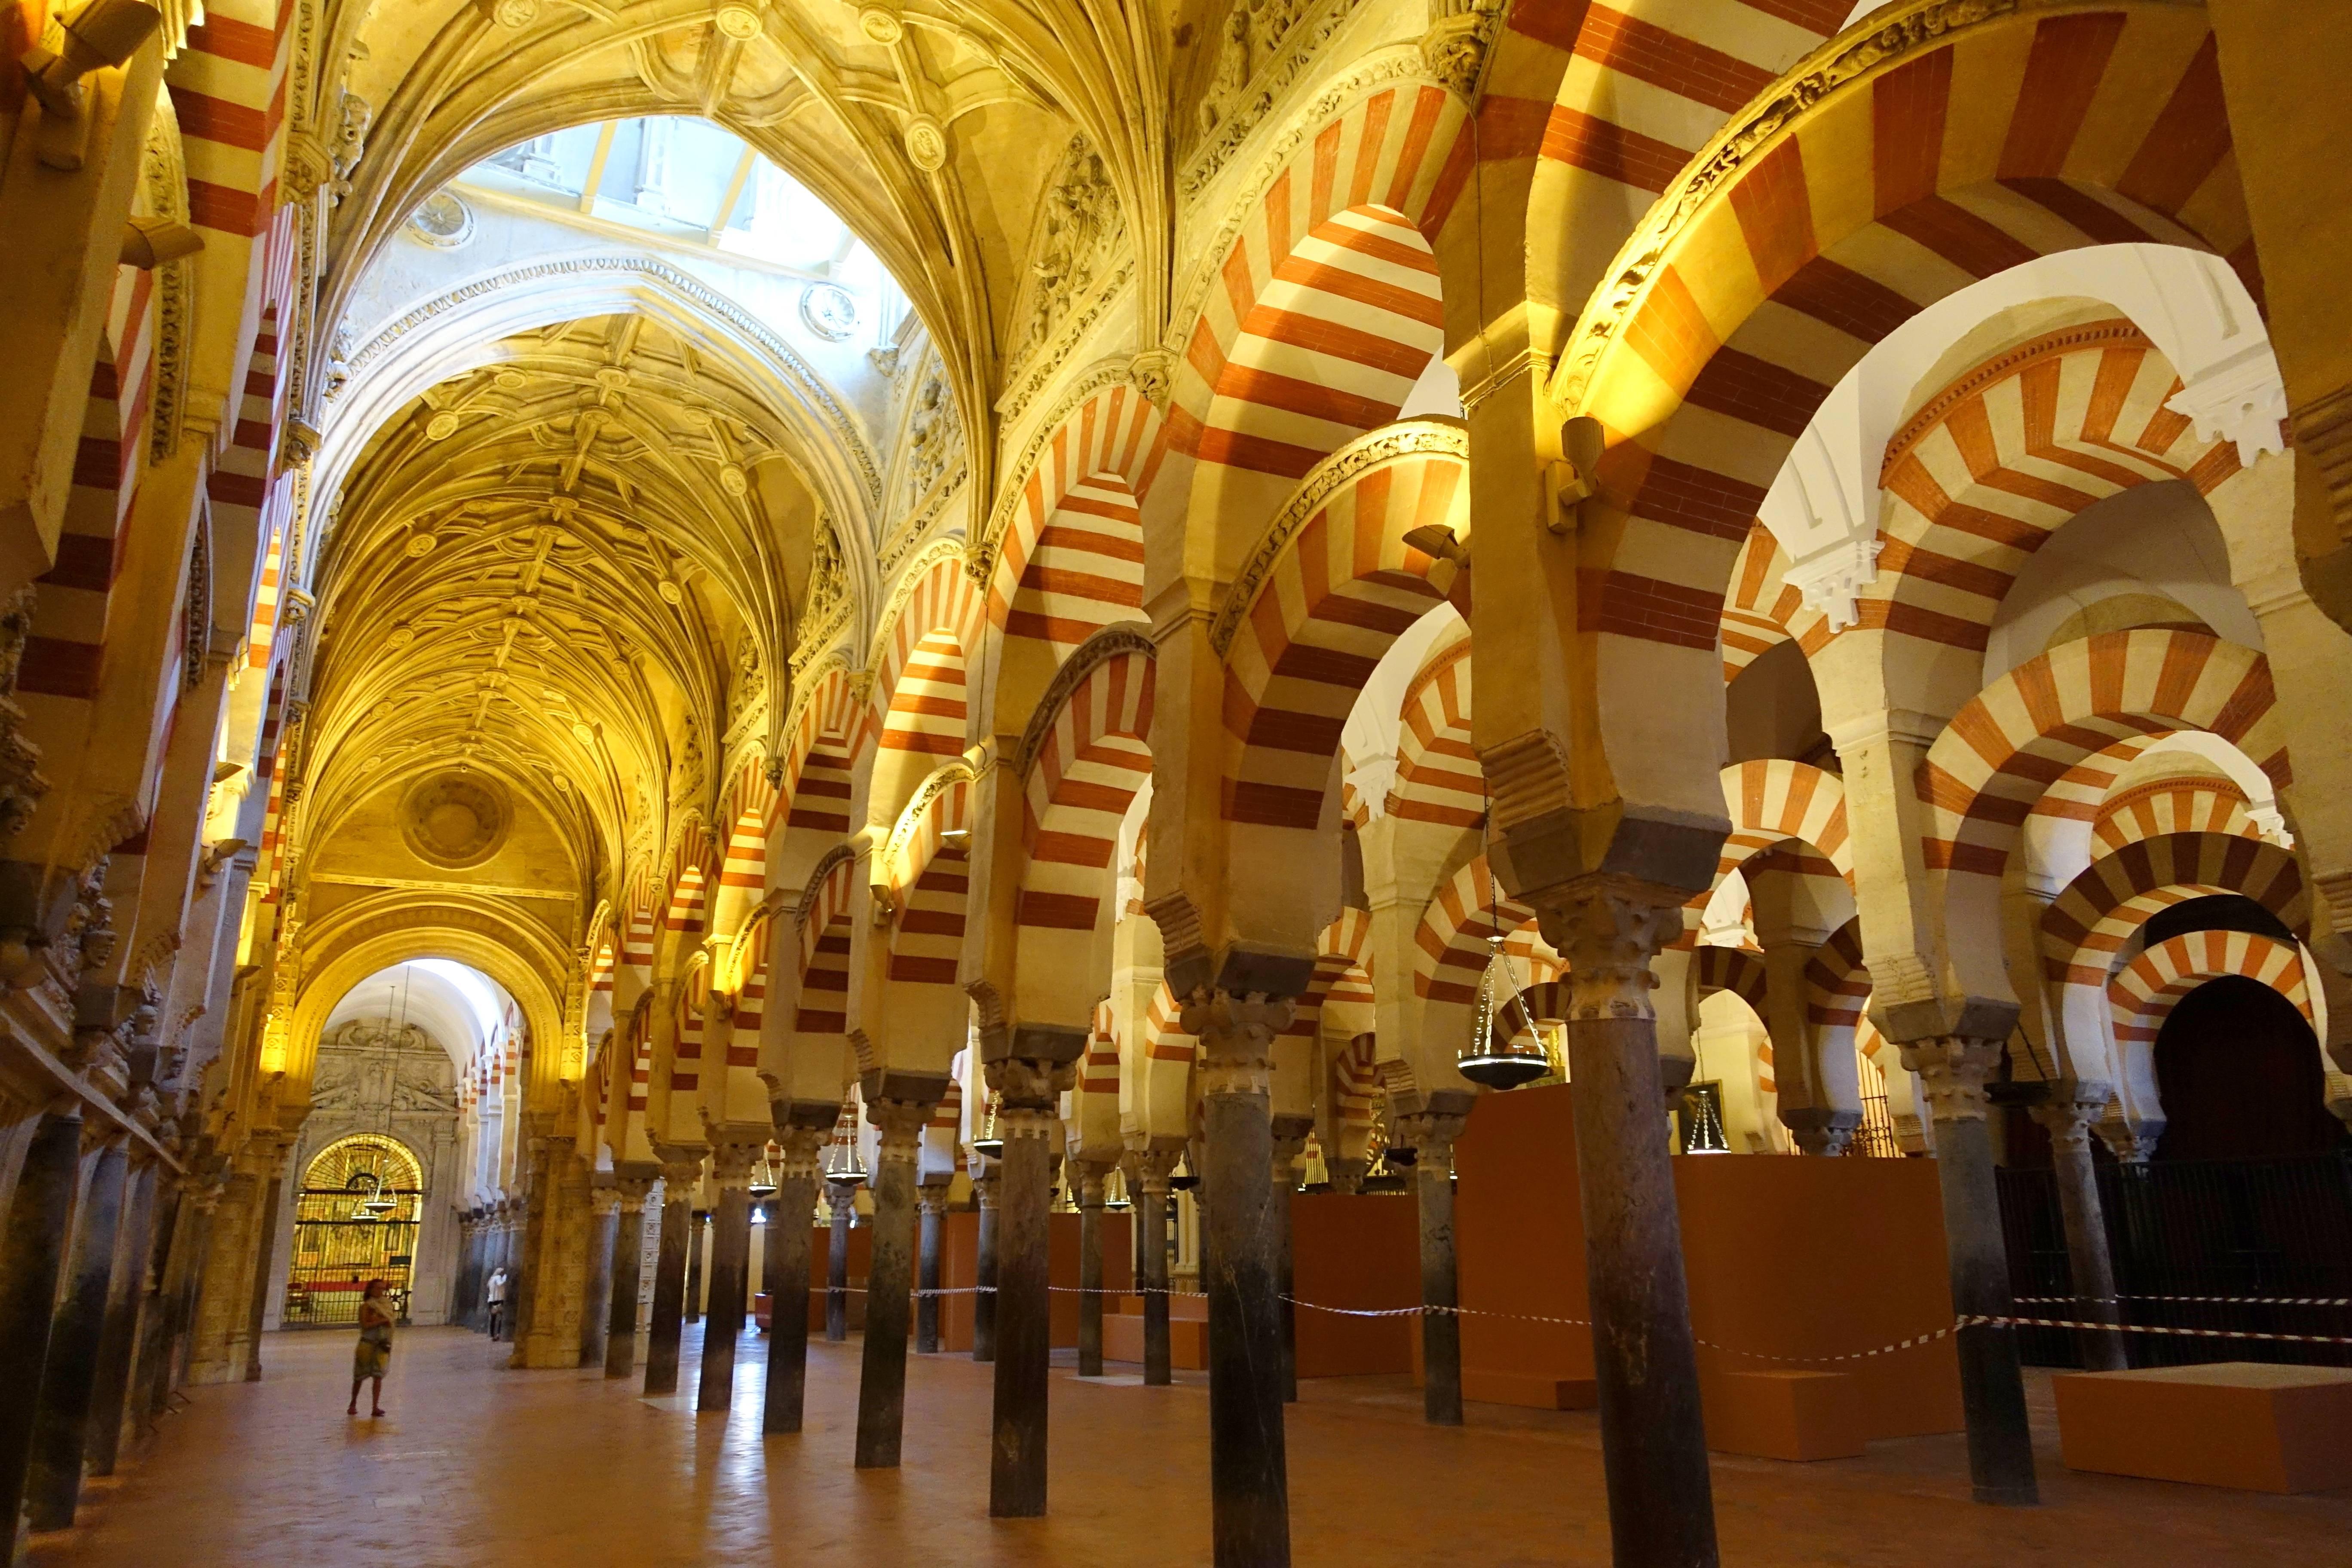 Прогулка по дюссельдорфу. вся архитектура дюссельдорфа - знаковые монументы, замки, храмы и дворцы